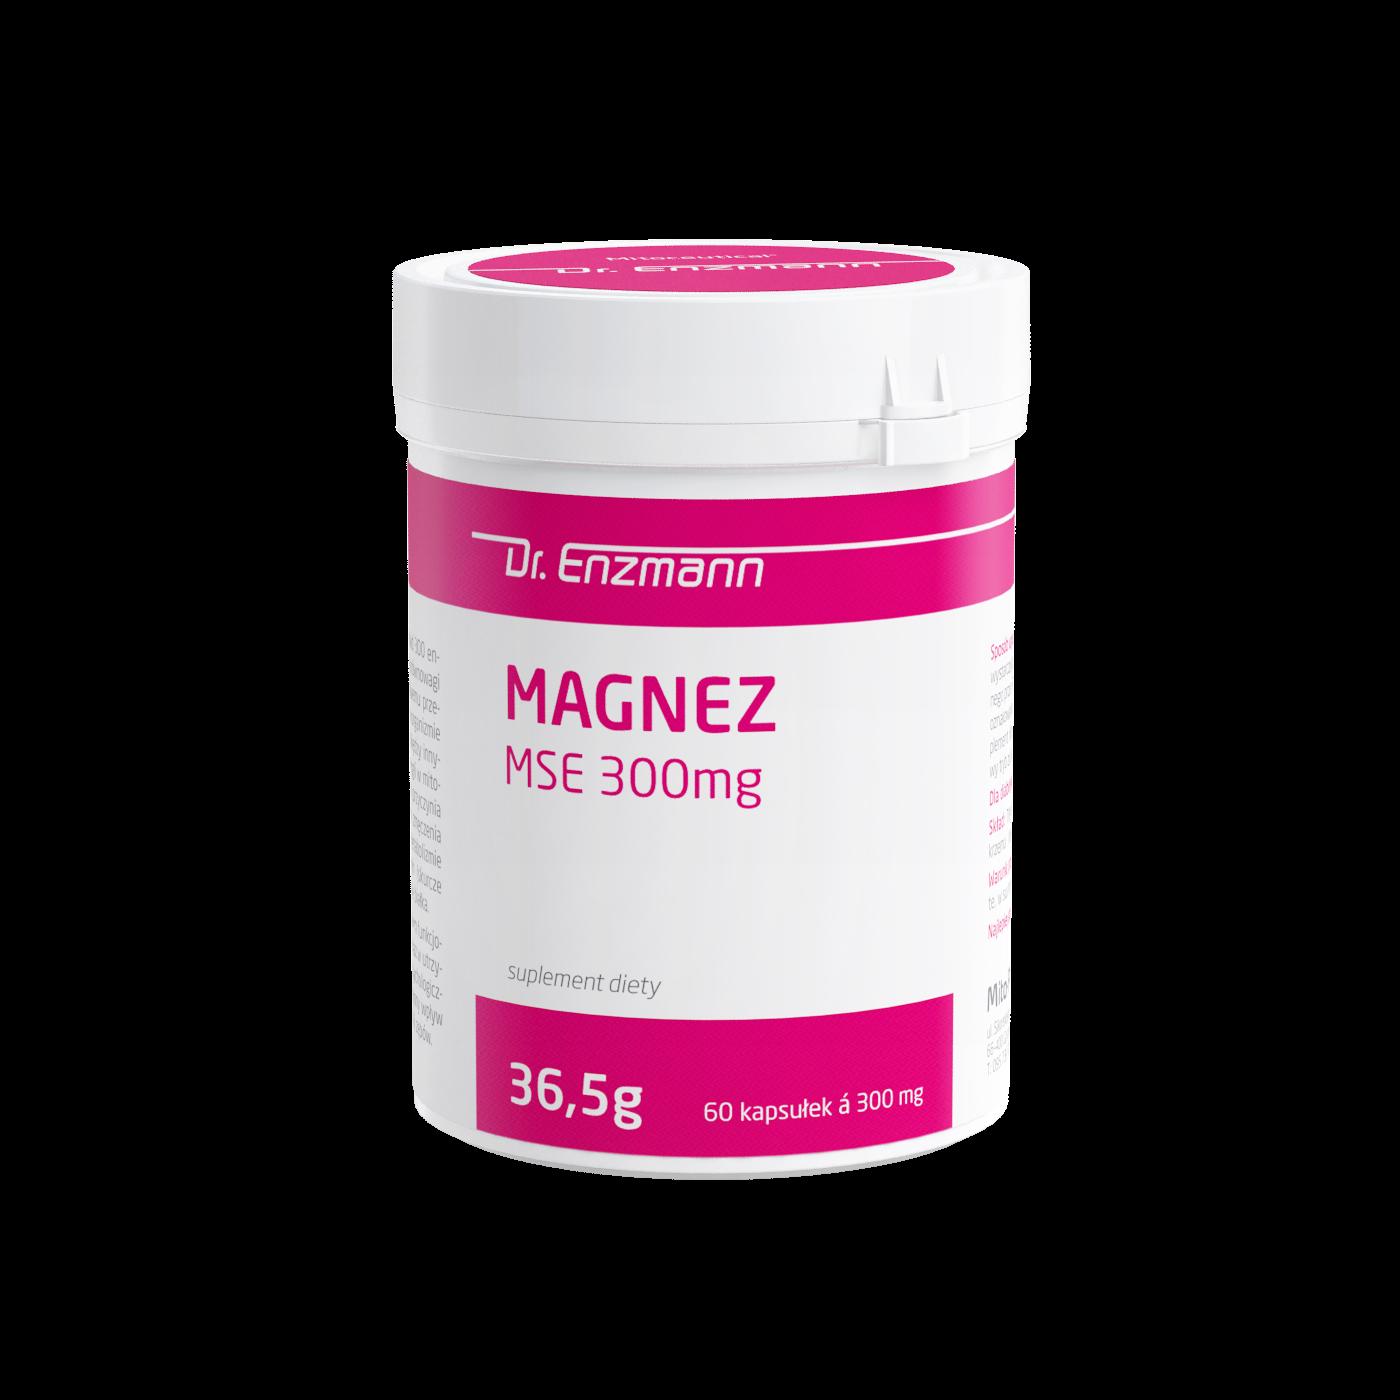 Magnez MSE 300 mg Dr Enzmann